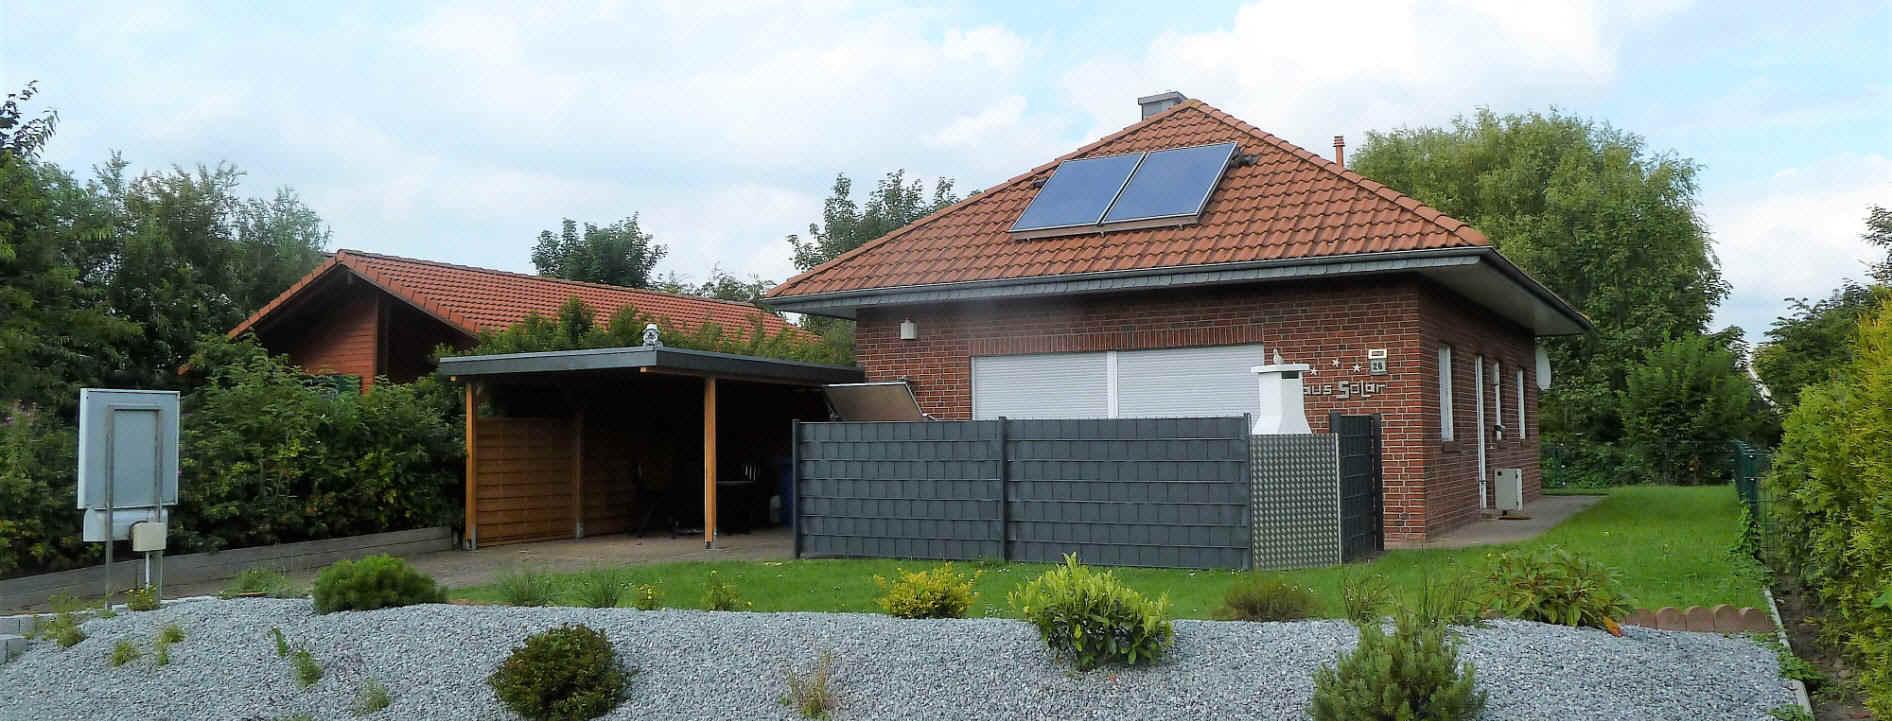 Ferienhaus Solar am 22.7.2017 in Dorum-Neufeld